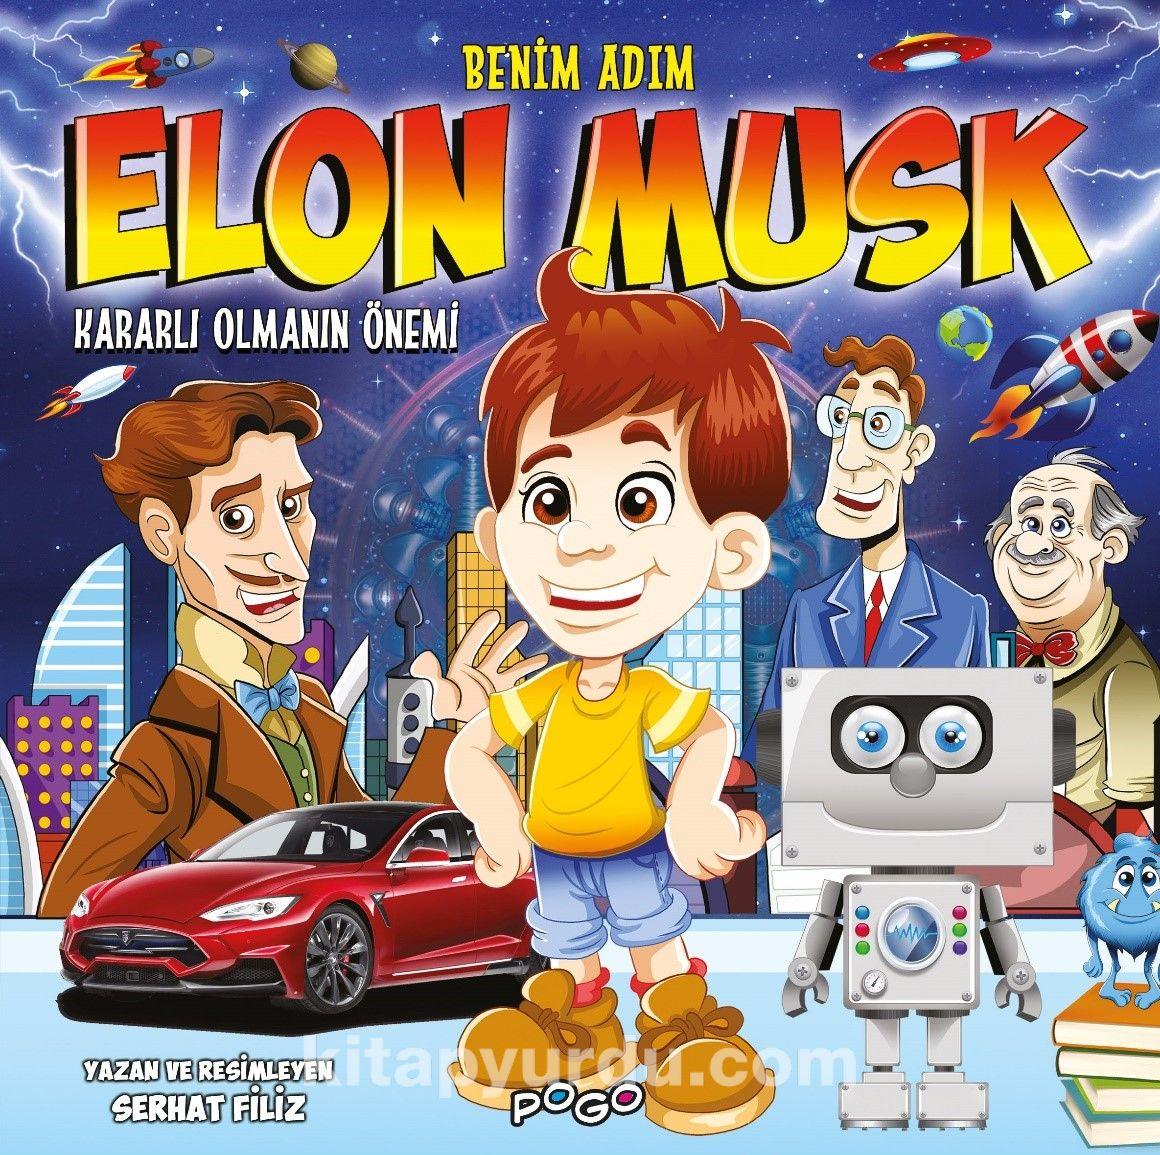 Benim Adım Elon Musk / Kararlı Olmanın Önemi PDF Kitap İndir